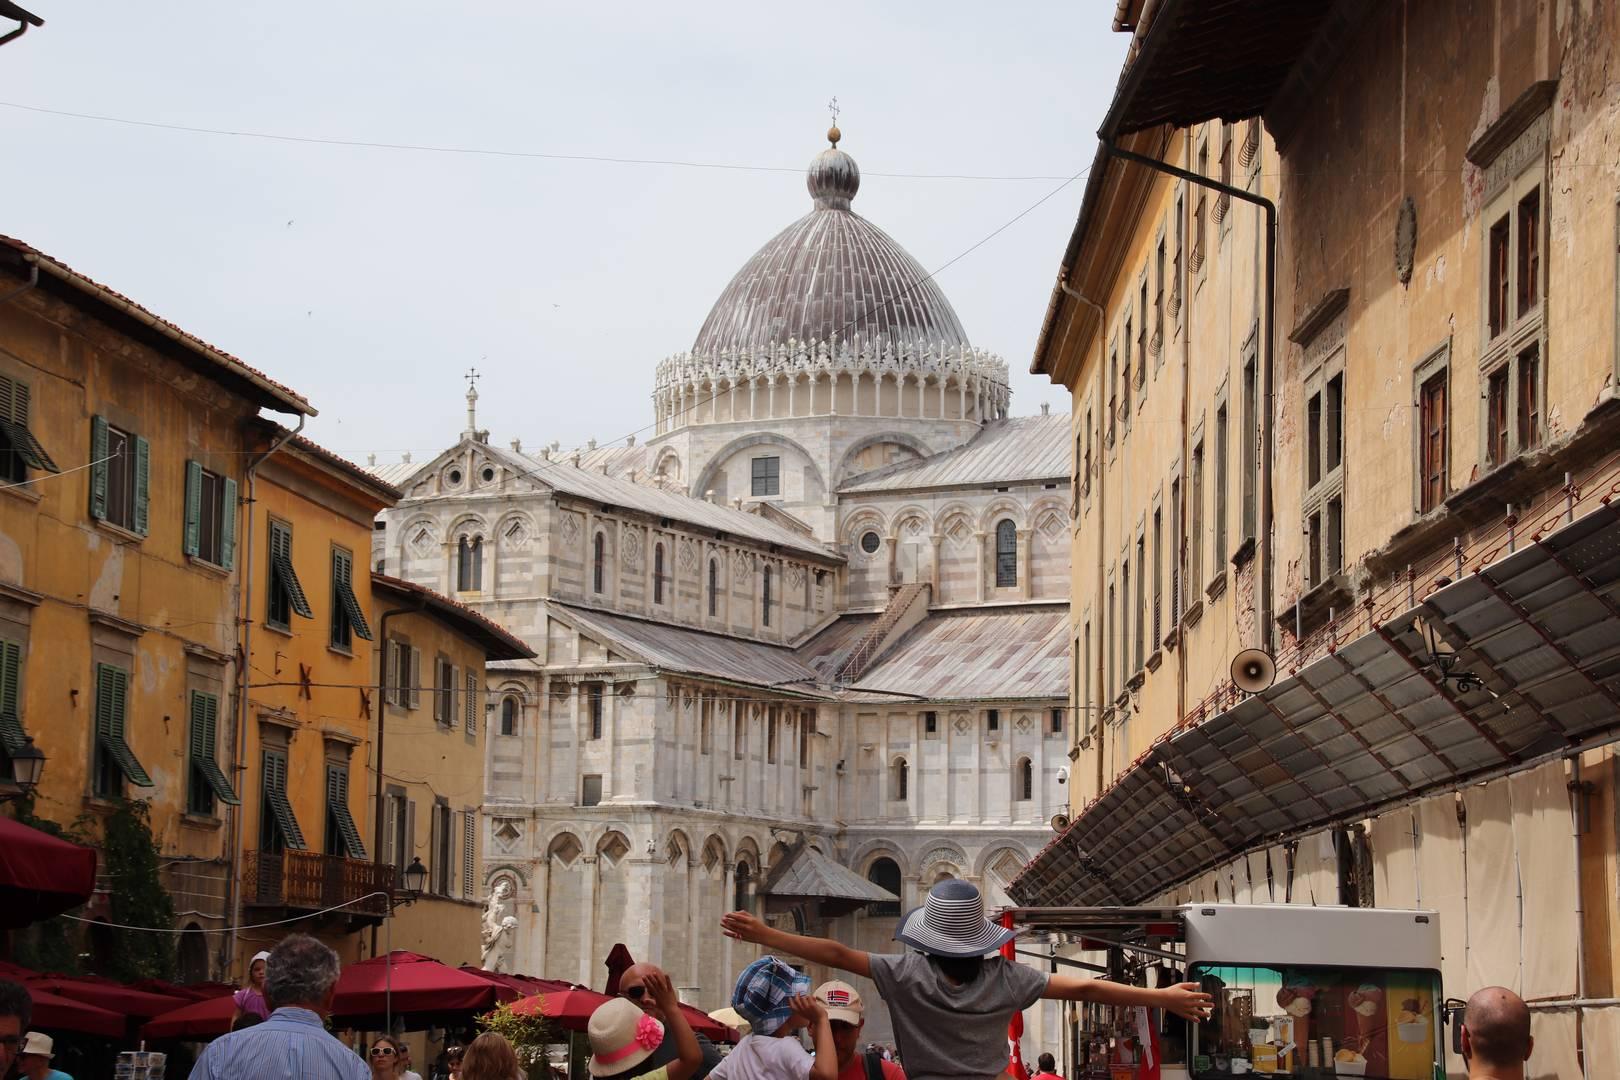 Italie - Cathédrale de Pise vue depuis les ruelles colorées